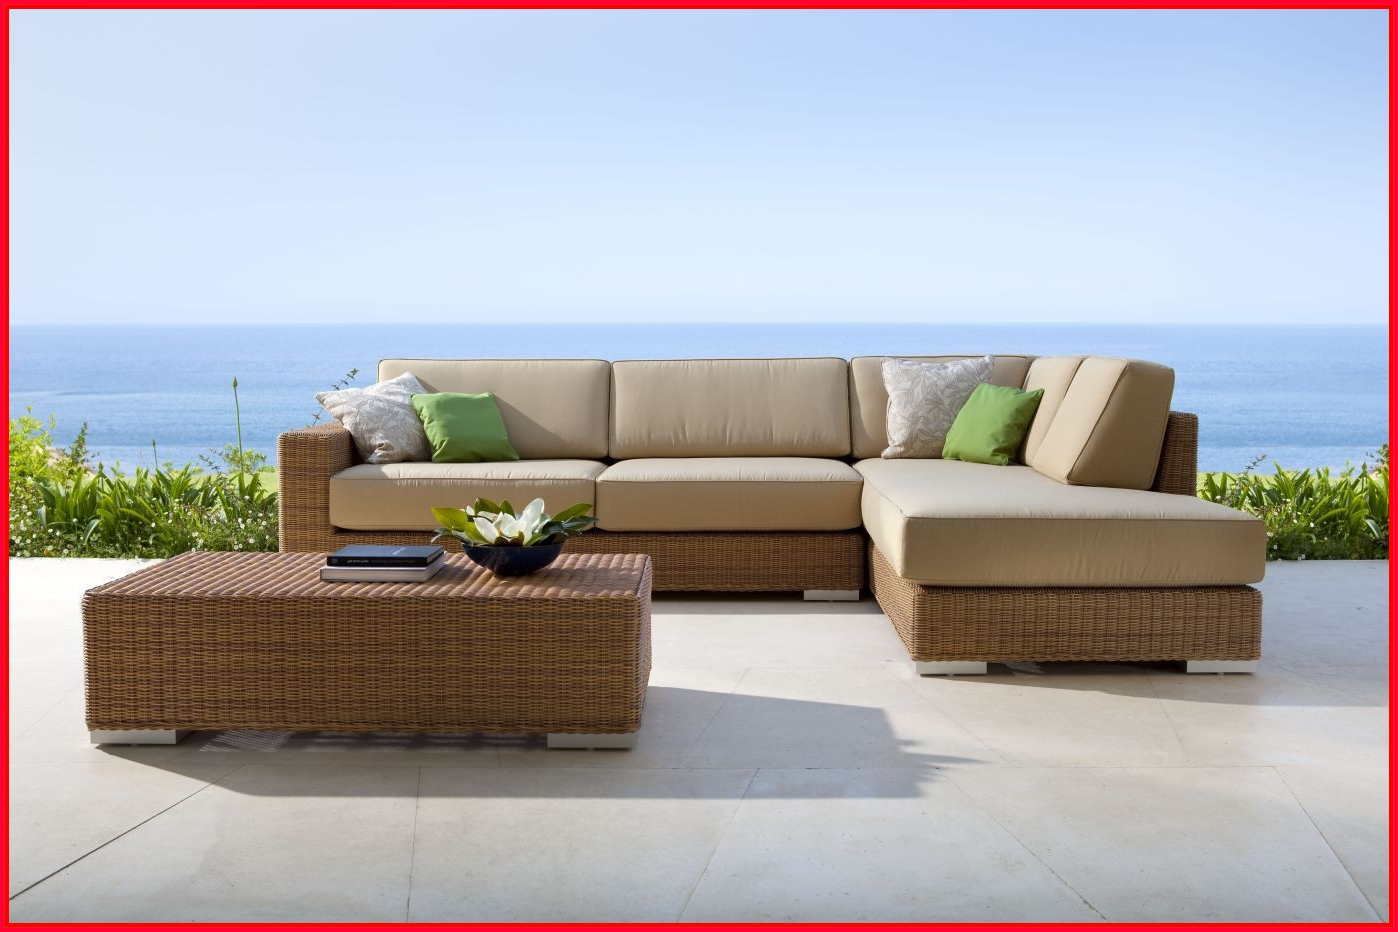 Muebles Terraza D0dg Muebles Terraza Y Jardin Muebles Para Terraza Exterior